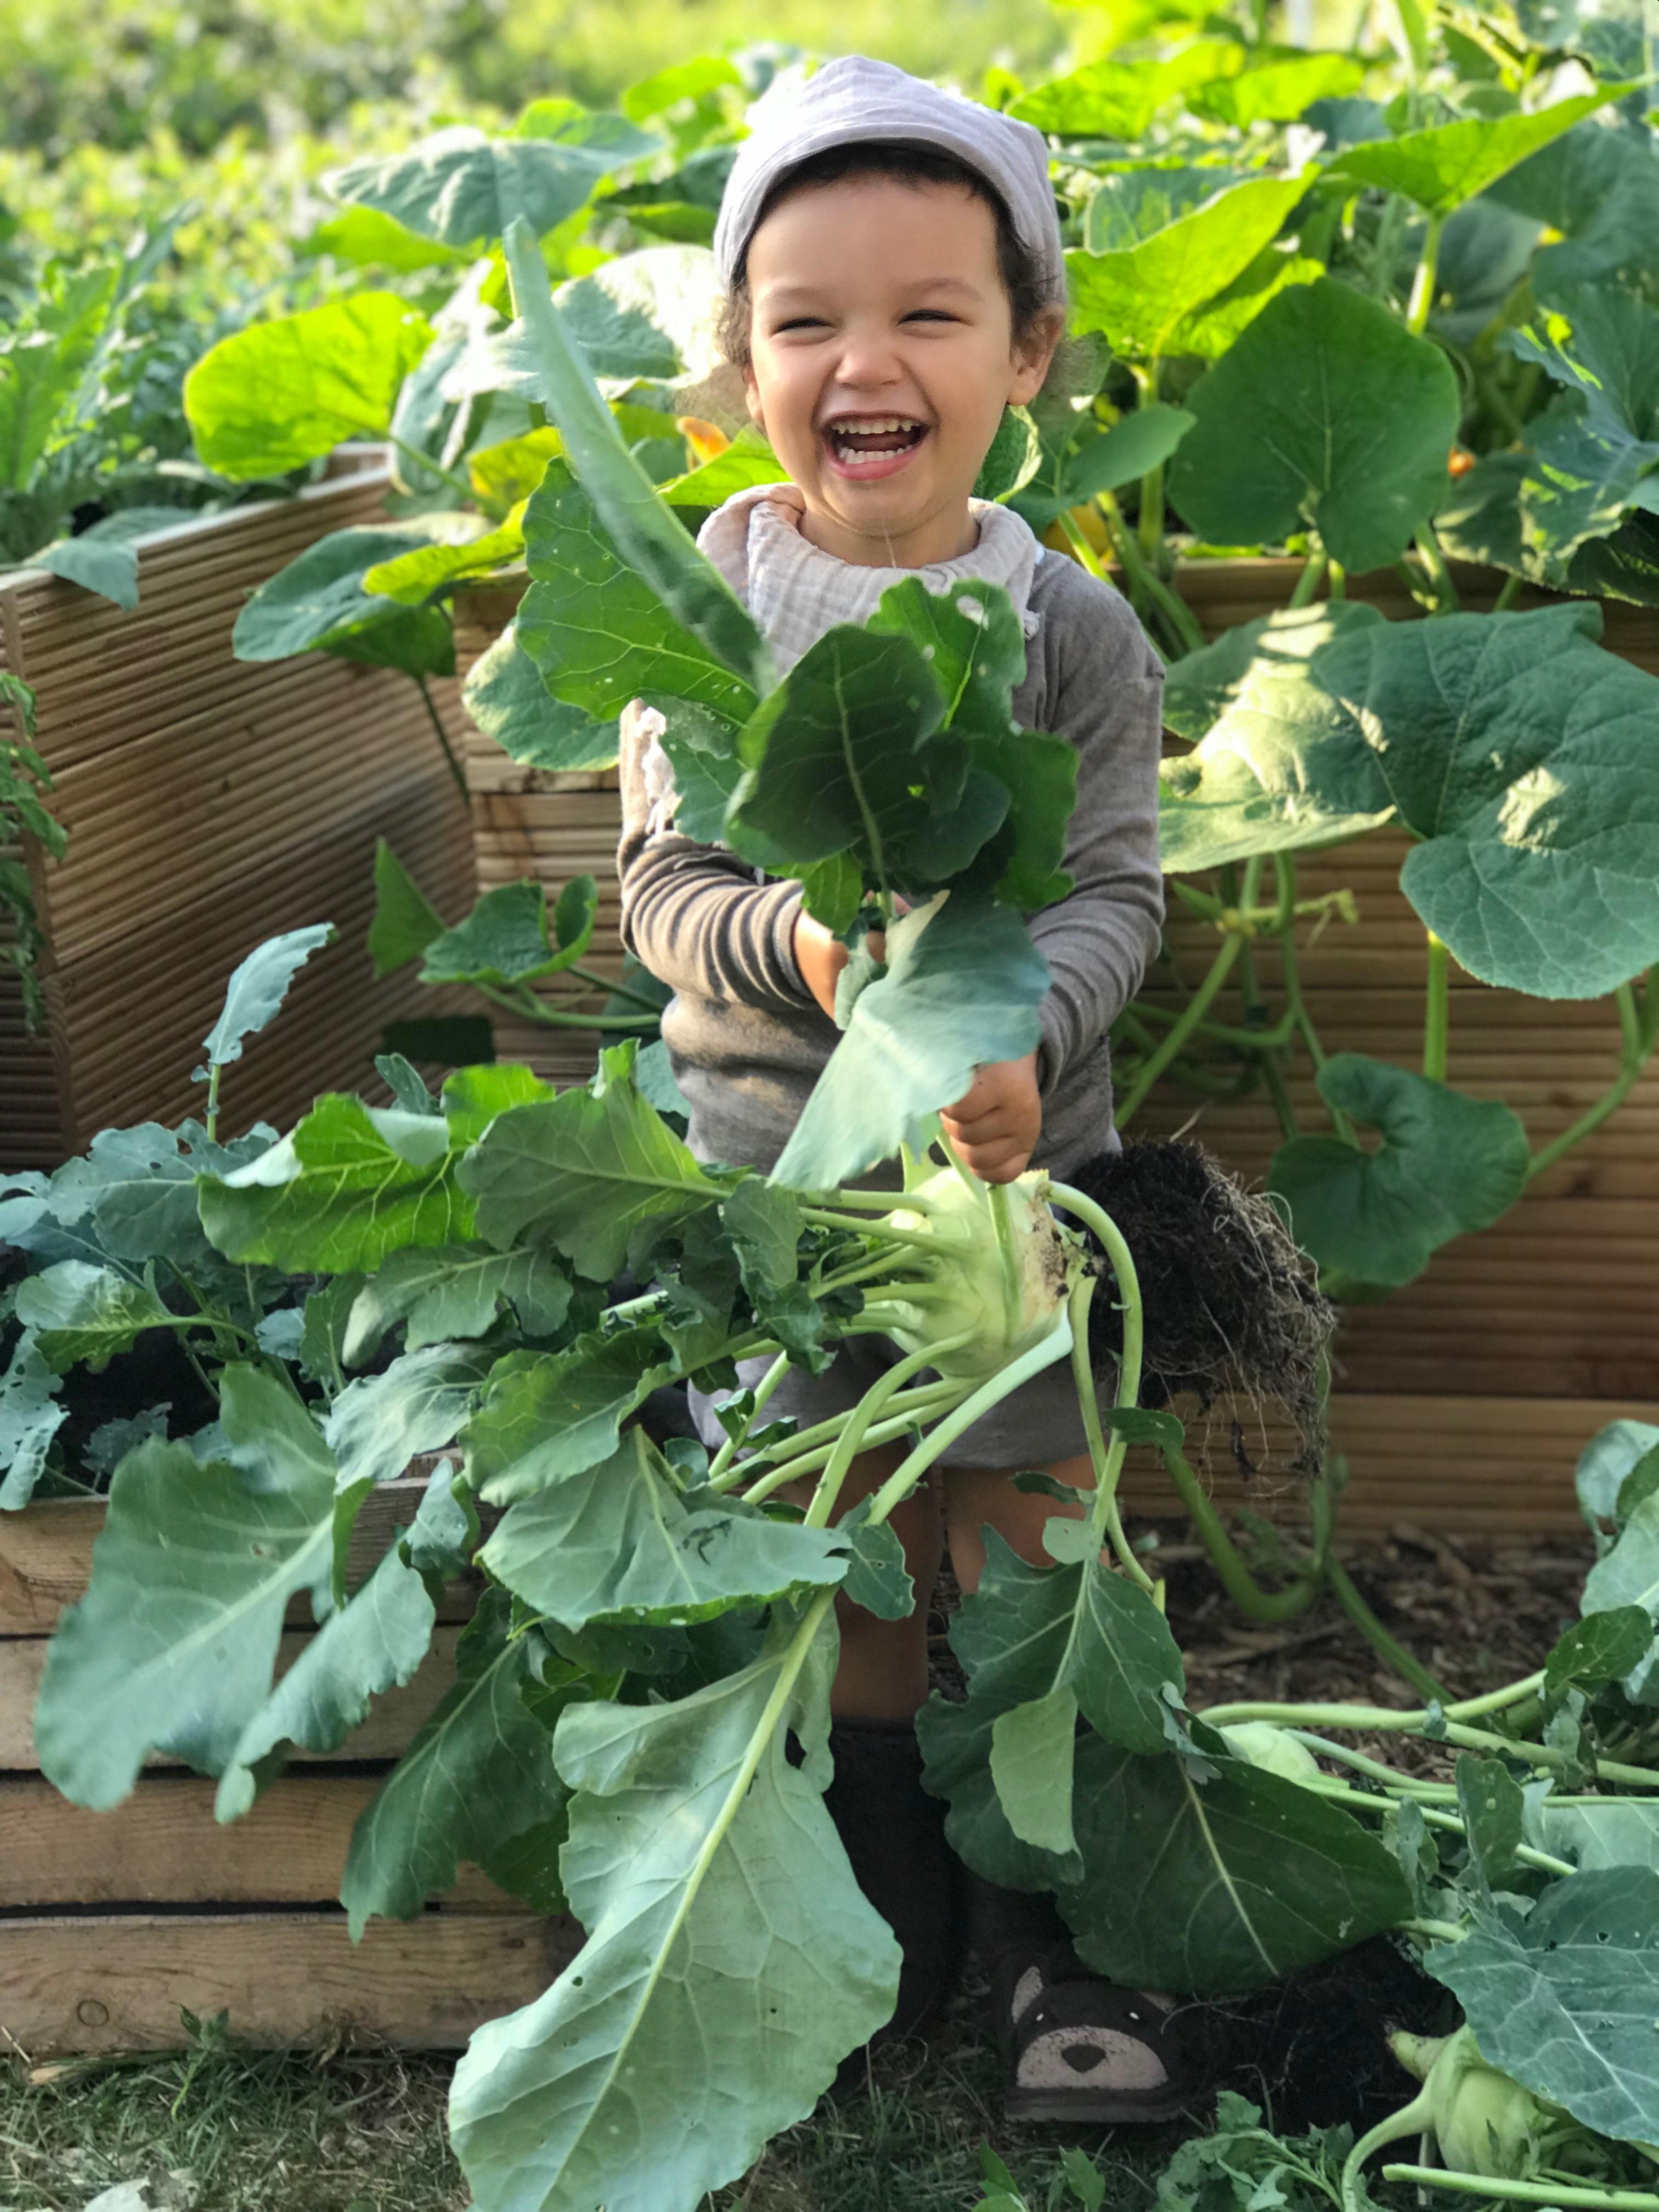 Hochbeete anlegen! Selbstversorgung für Anfänger ! Mit Hochbeeten, durch das Jahr mit frischen Gemüse,Kräutern und Obst.Mehr dazu auf www.elfenkindberlin.de